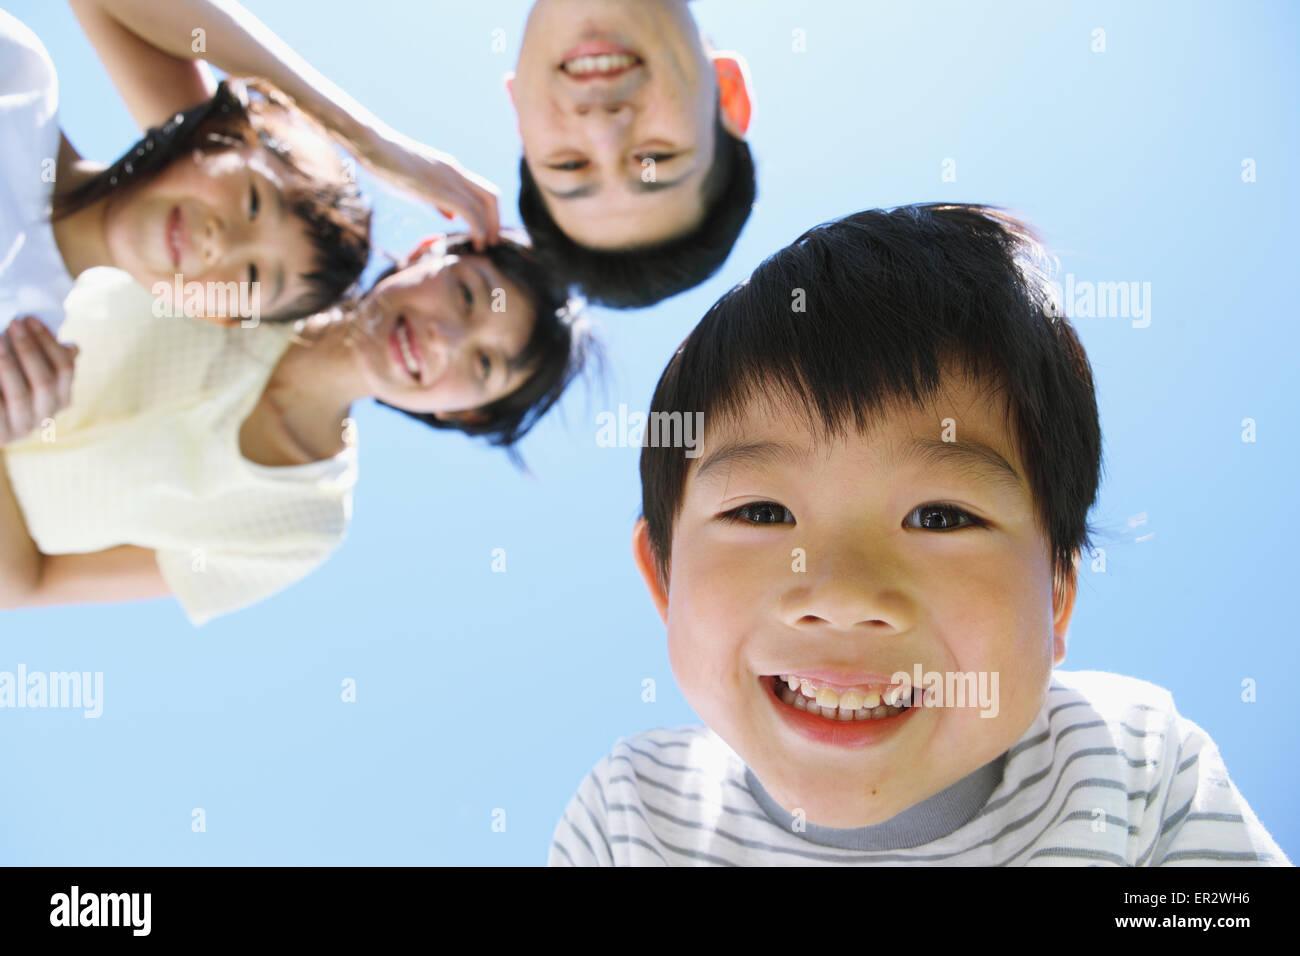 Japanese family video-6455